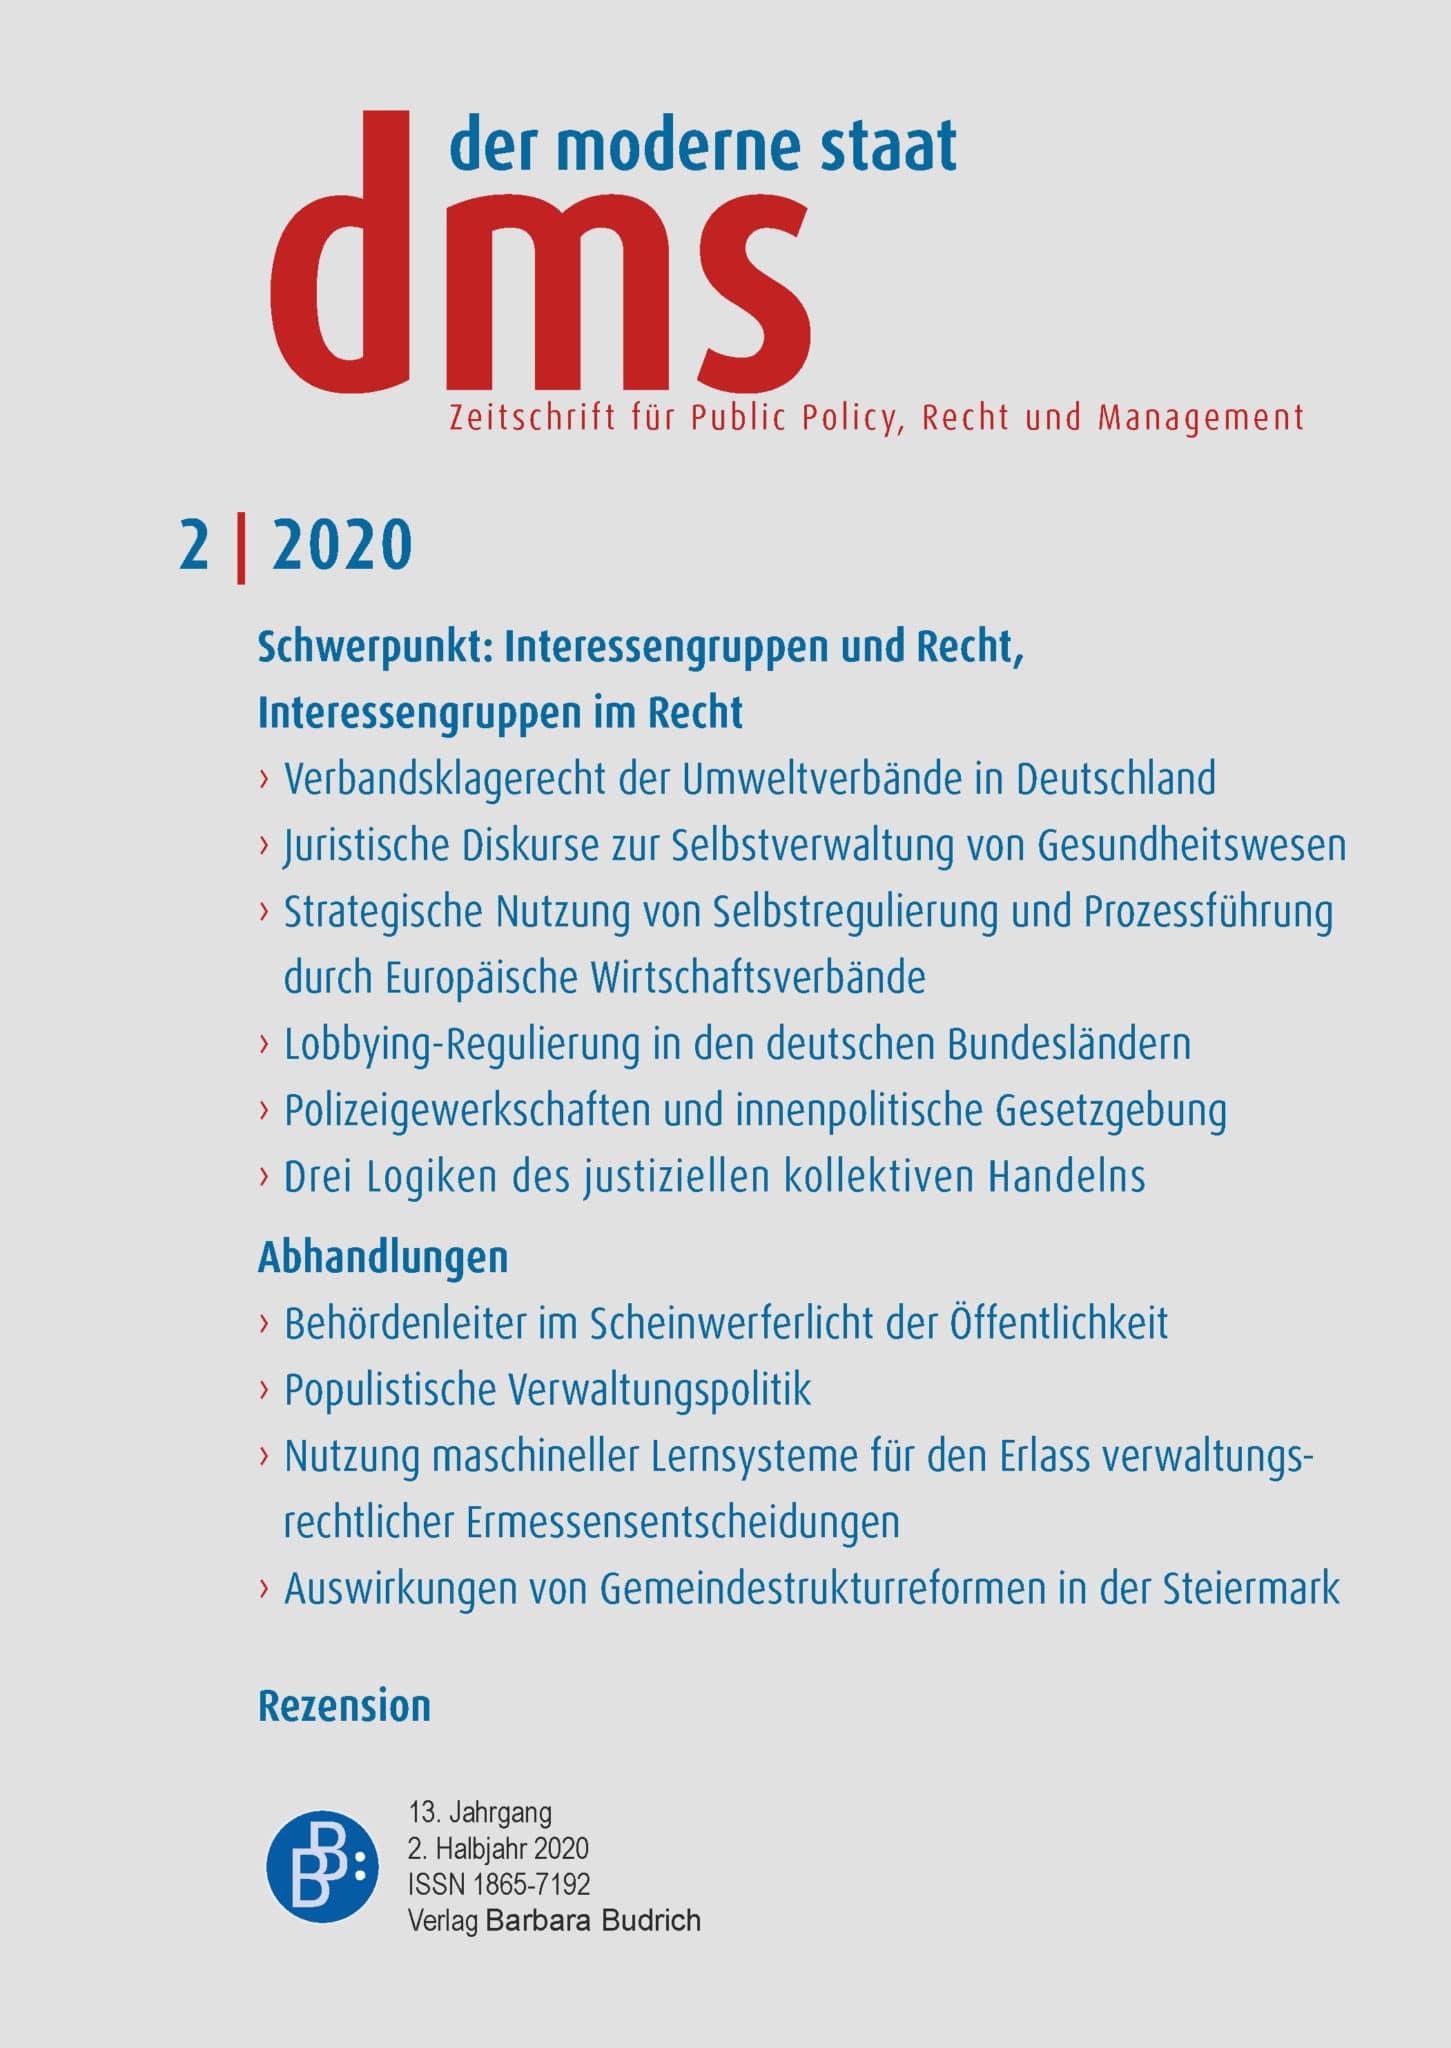 dms – der moderne staat – Zeitschrift für Public Policy, Recht und Management